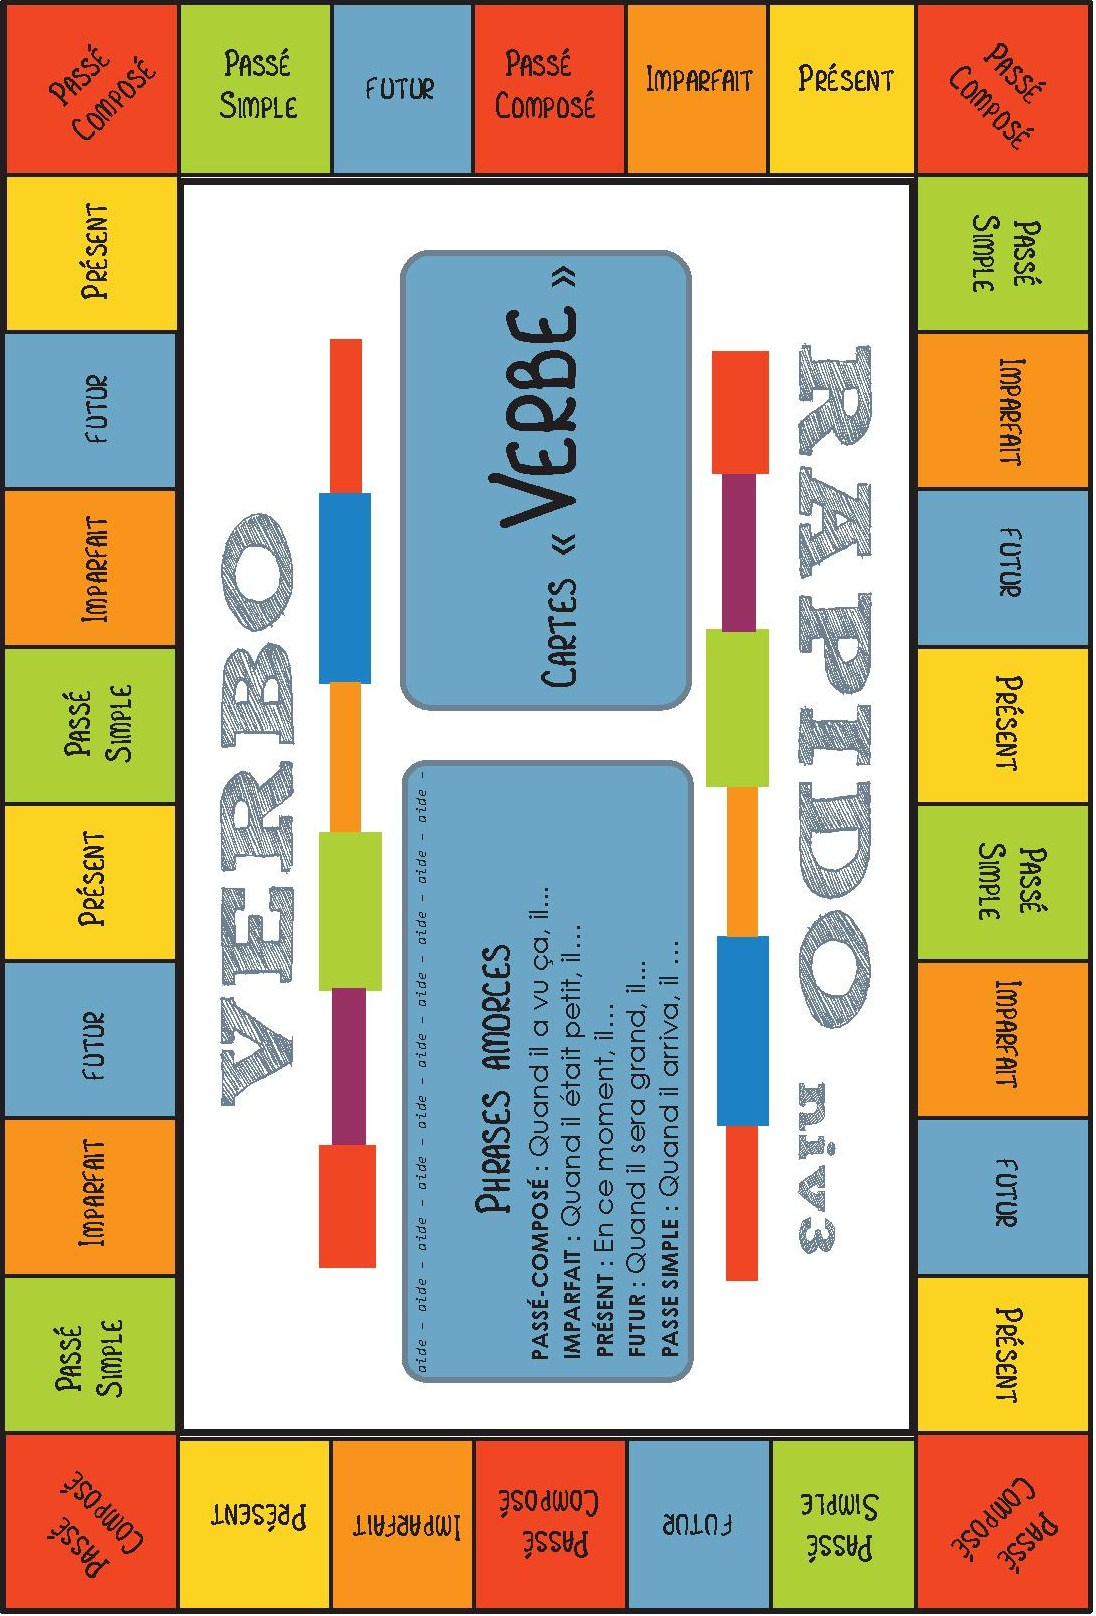 Jeu Pour La Classe] Conjugaison – Verbo-Rapido – Cycle 3 concernant Jeux Éducatifs À Imprimer Collège